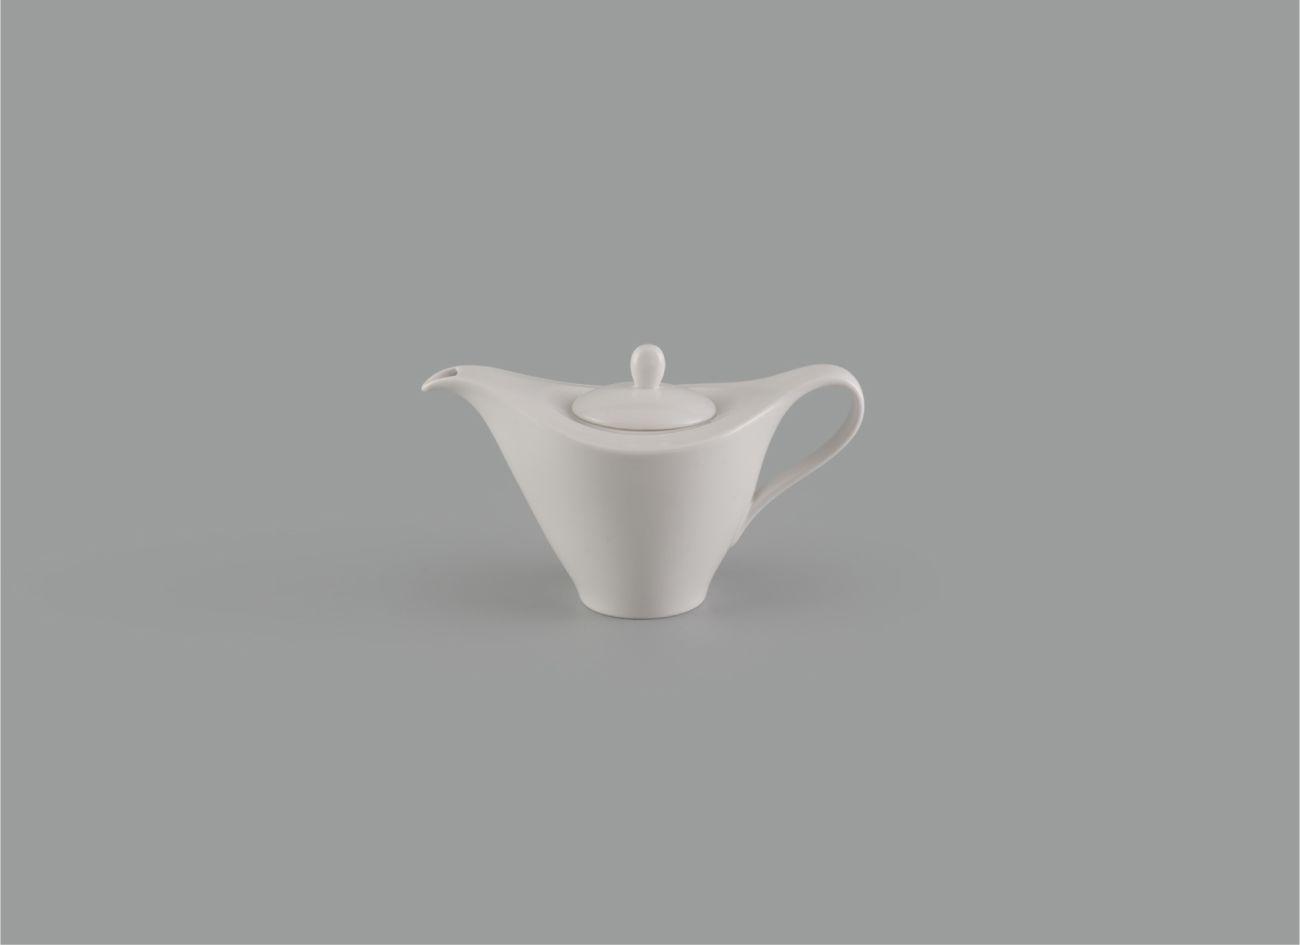 Bình cà phê 0.45L + nắp Anh Vũ Lys Trắng Ngà 014579000